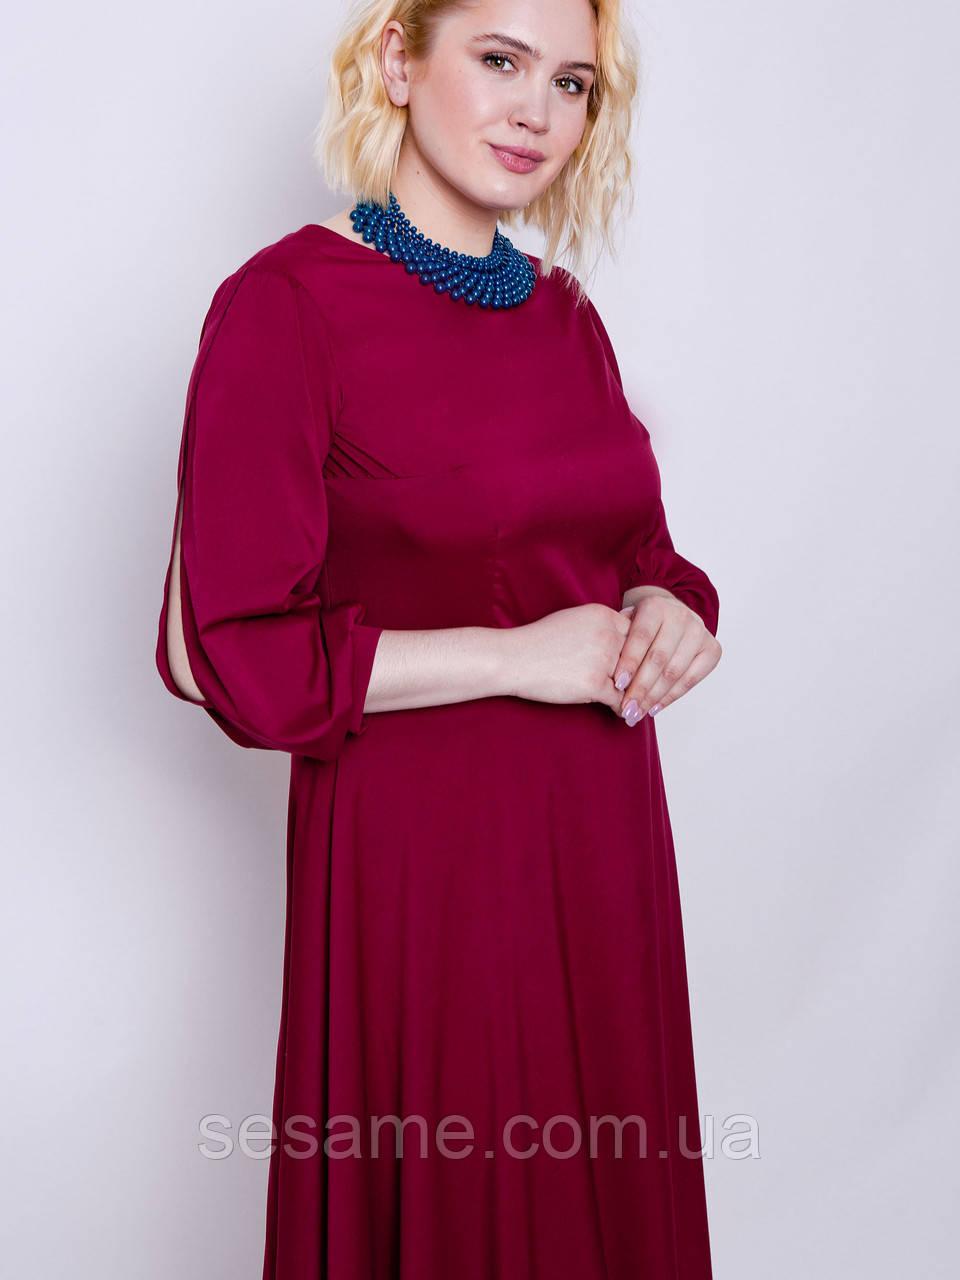 grand ua Камилла платье